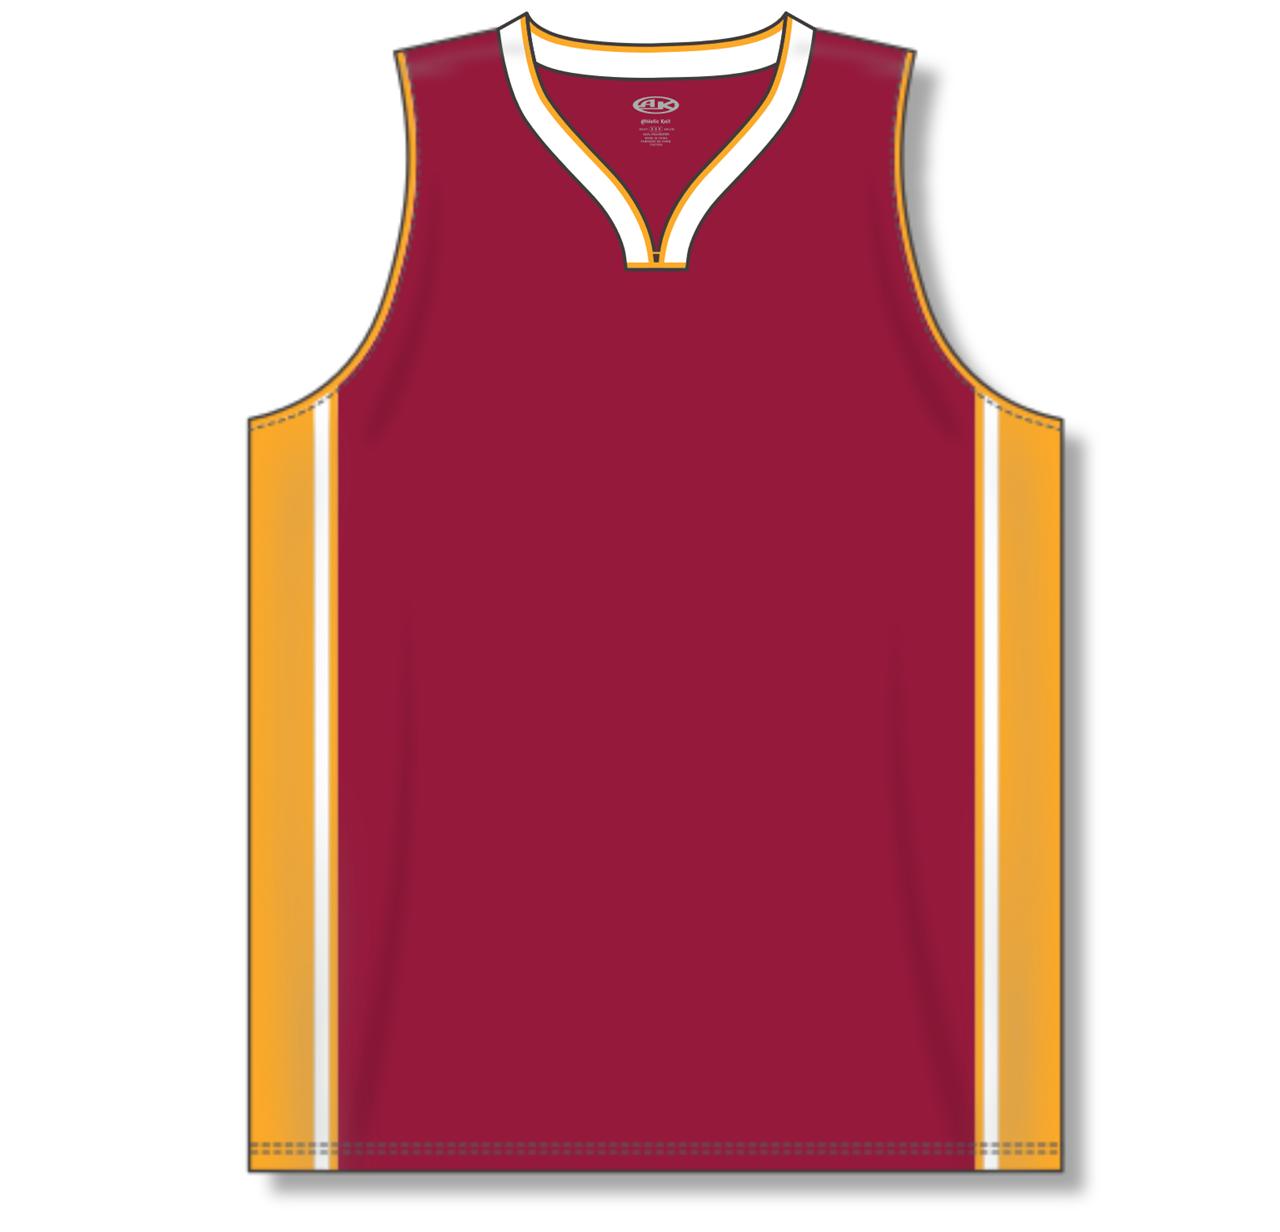 best service 7b1d0 511ee AK Pro Replica Basketball Jersey